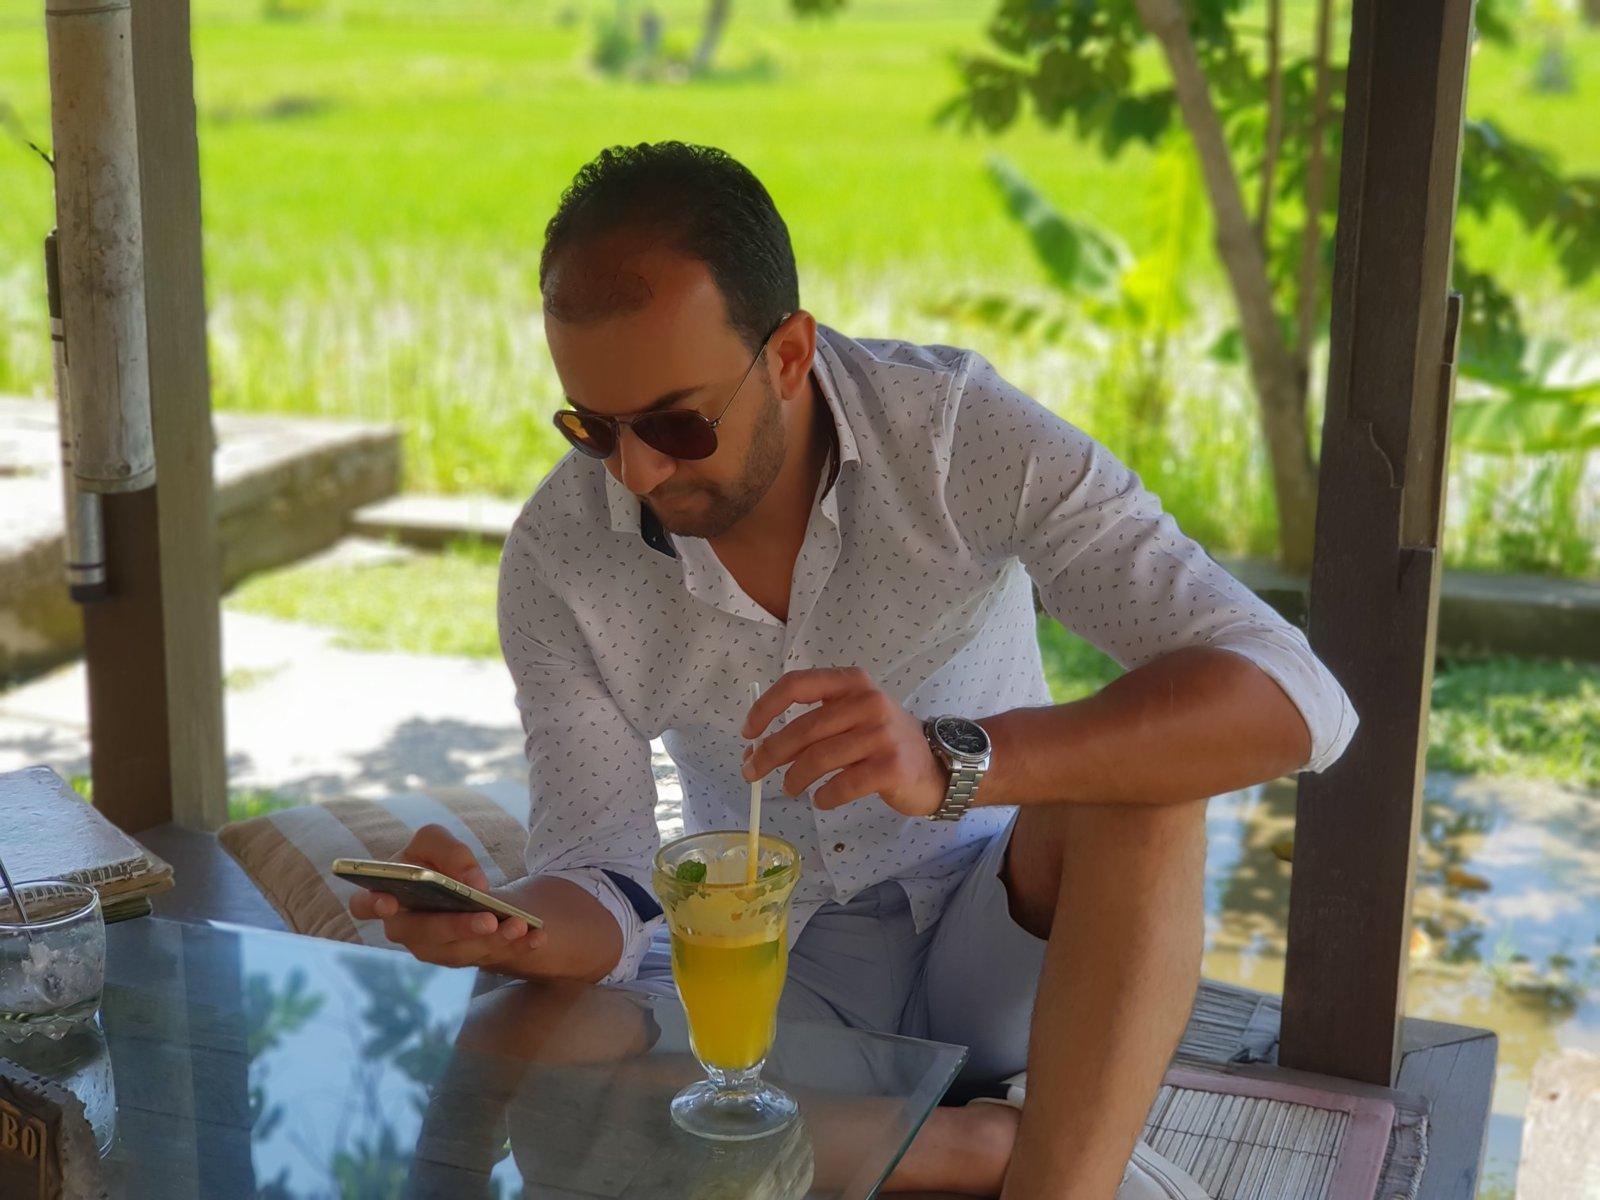 394373 المسافرون العرب كل ما تريد معرفته عن بالي بالصور والتفاصيل الجزء الاول